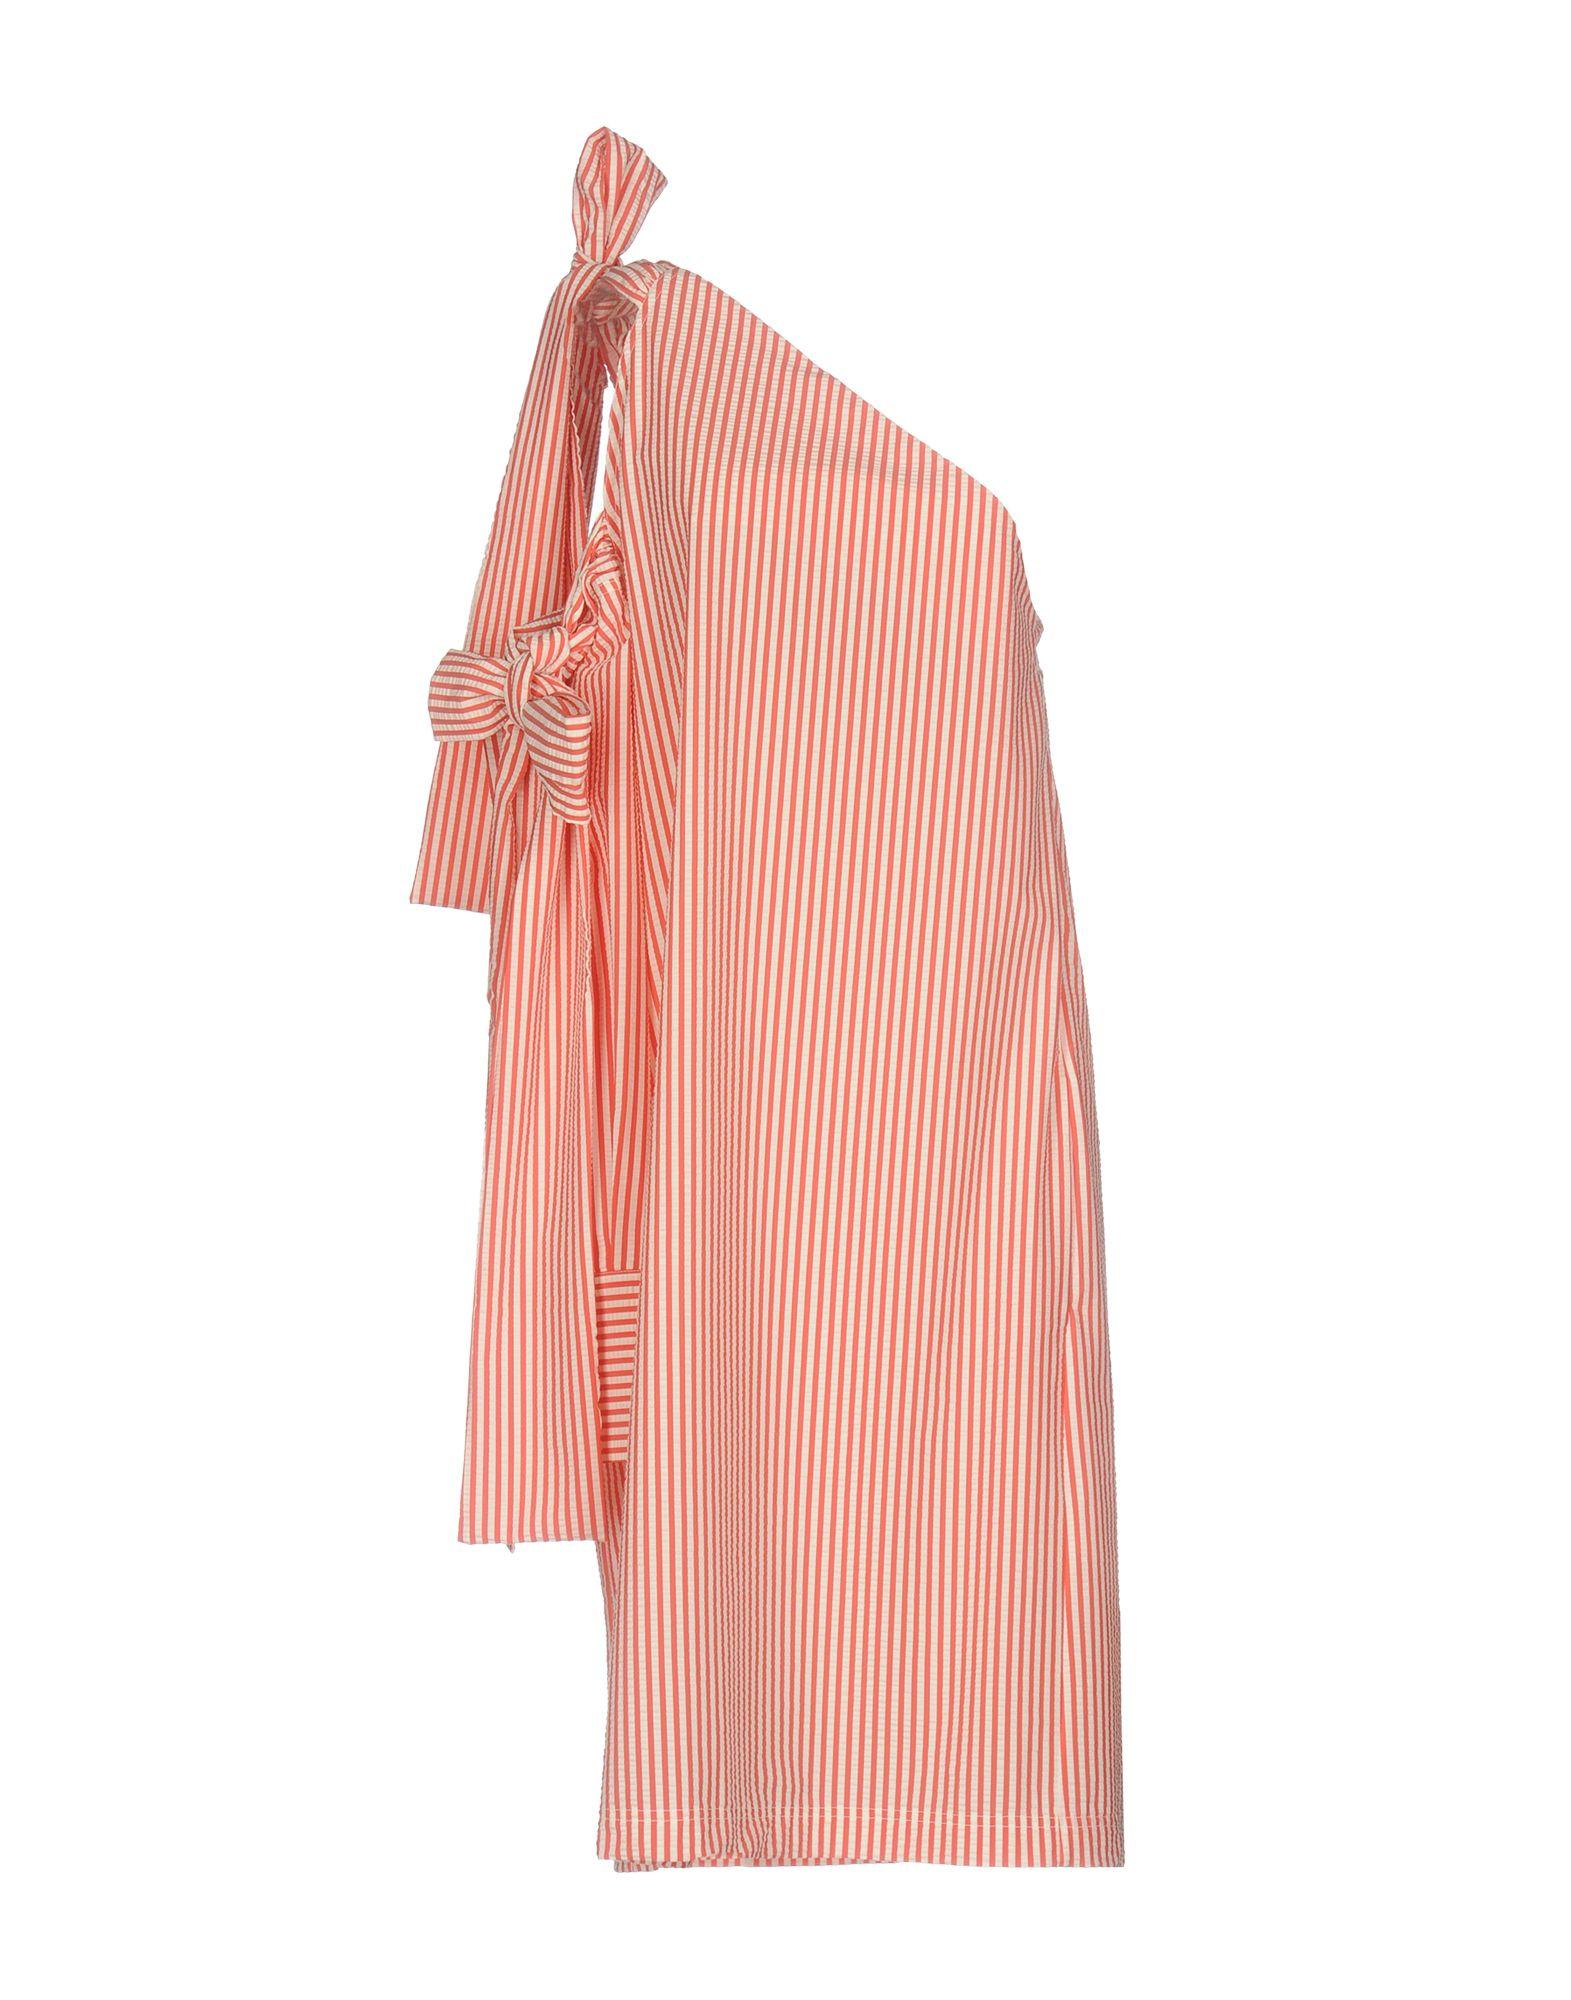 MSGM Платье до колена купить ваз 21099 в уфе цена до 25000